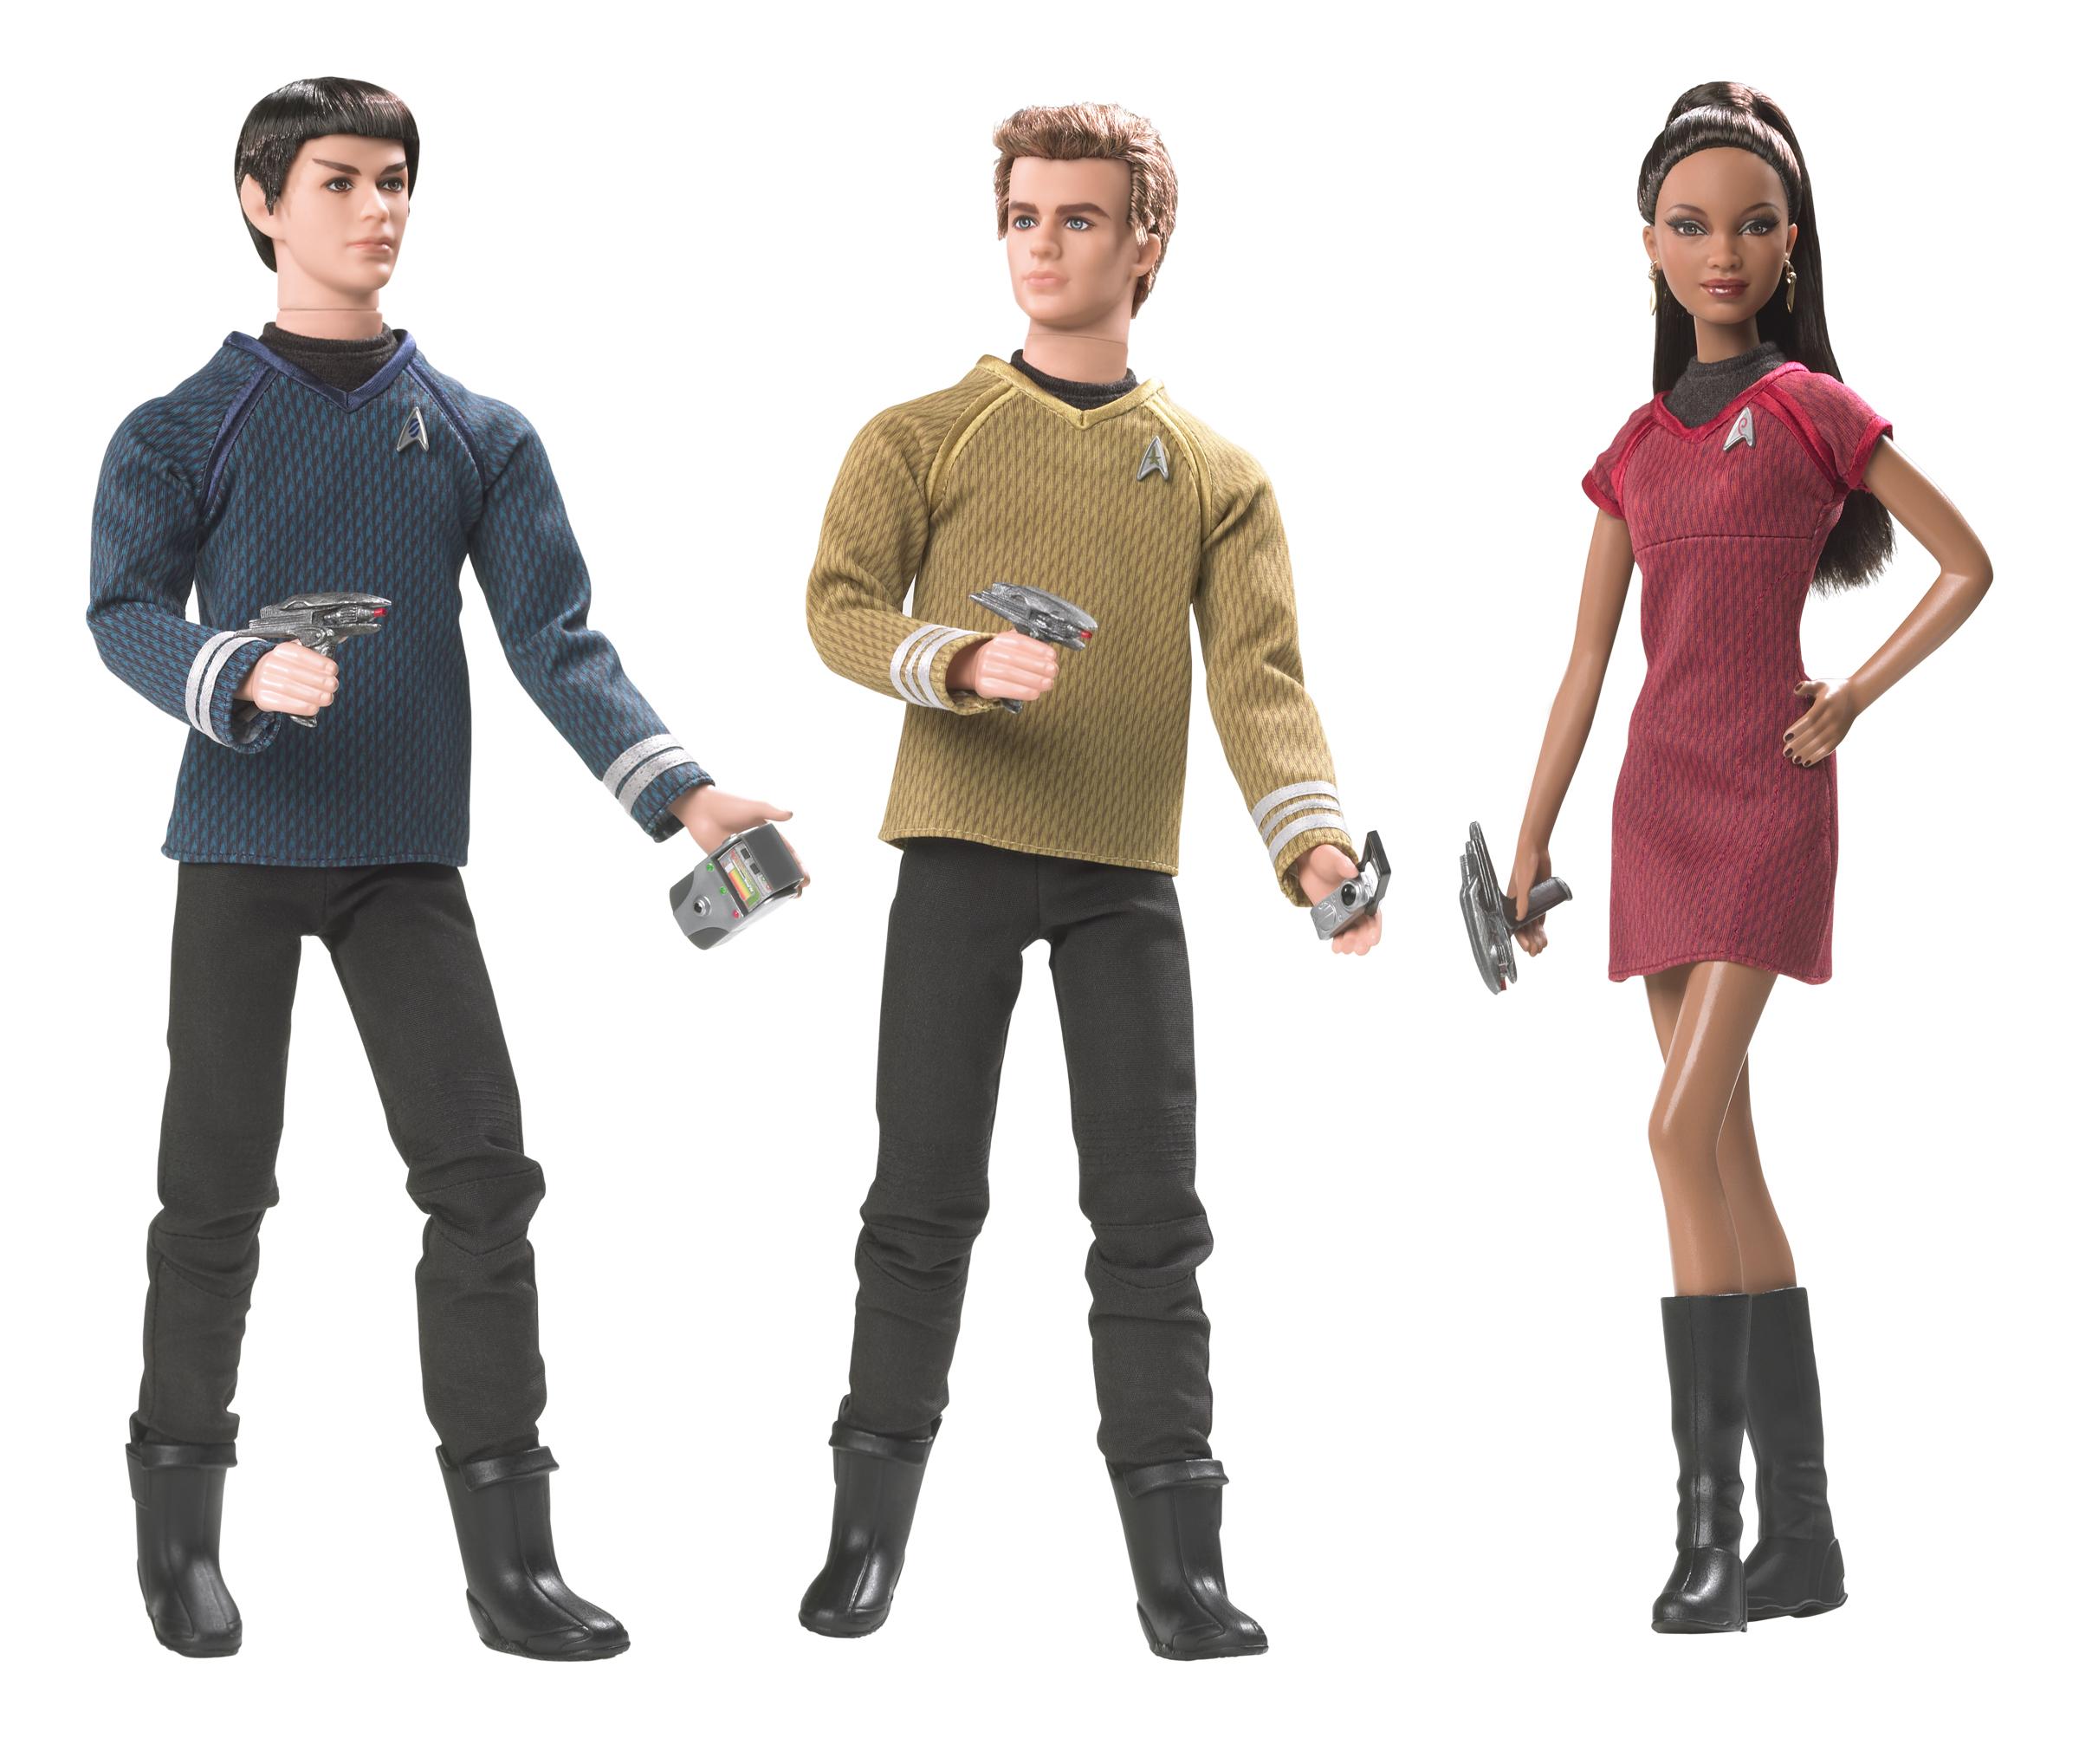 Mattel [poupées, figurines, jouets] StarTrekMattelCompositeShot